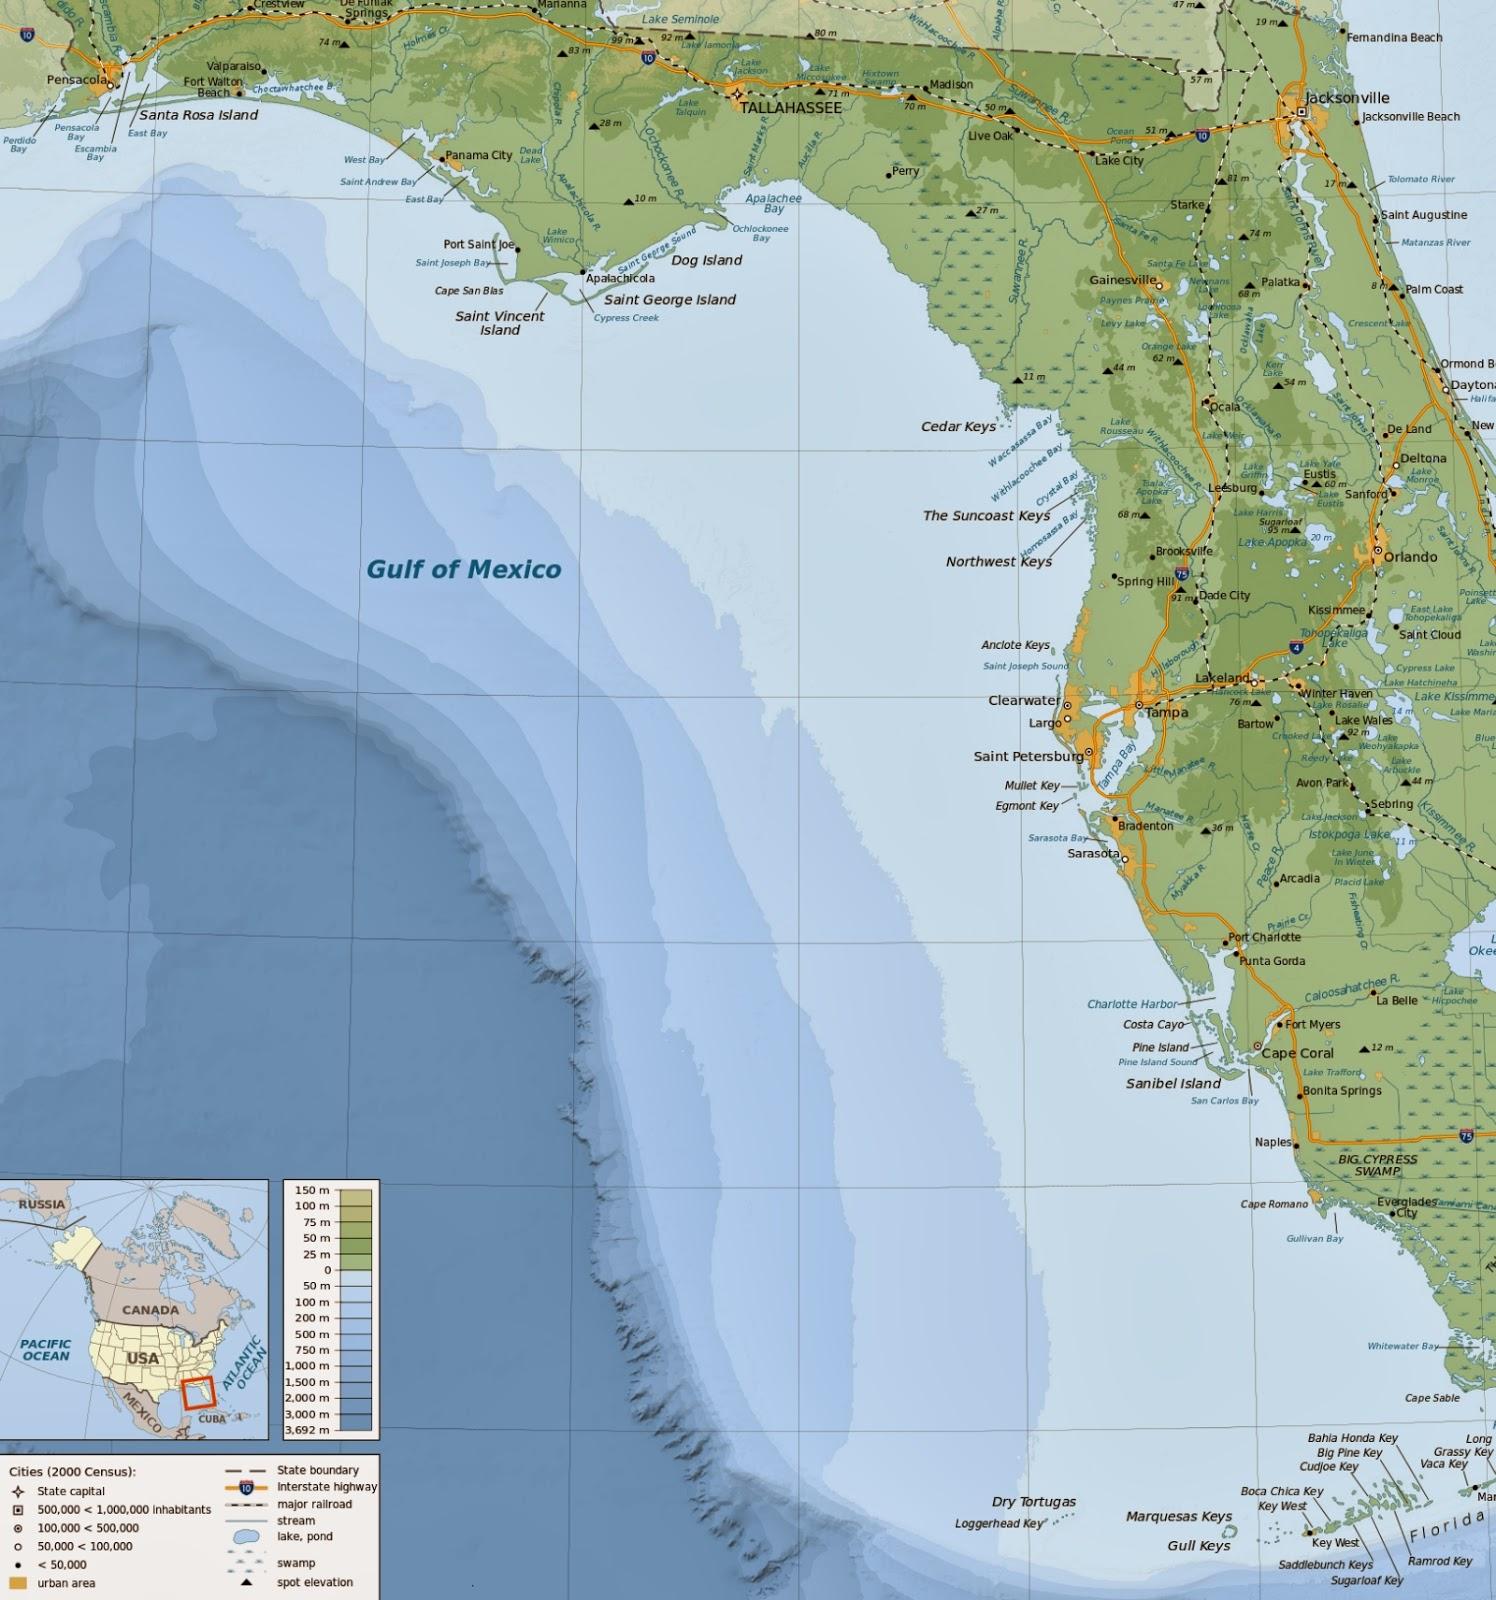 Gulf Coast Map Of Florida.Online Maps Florida Gulf Coast Map